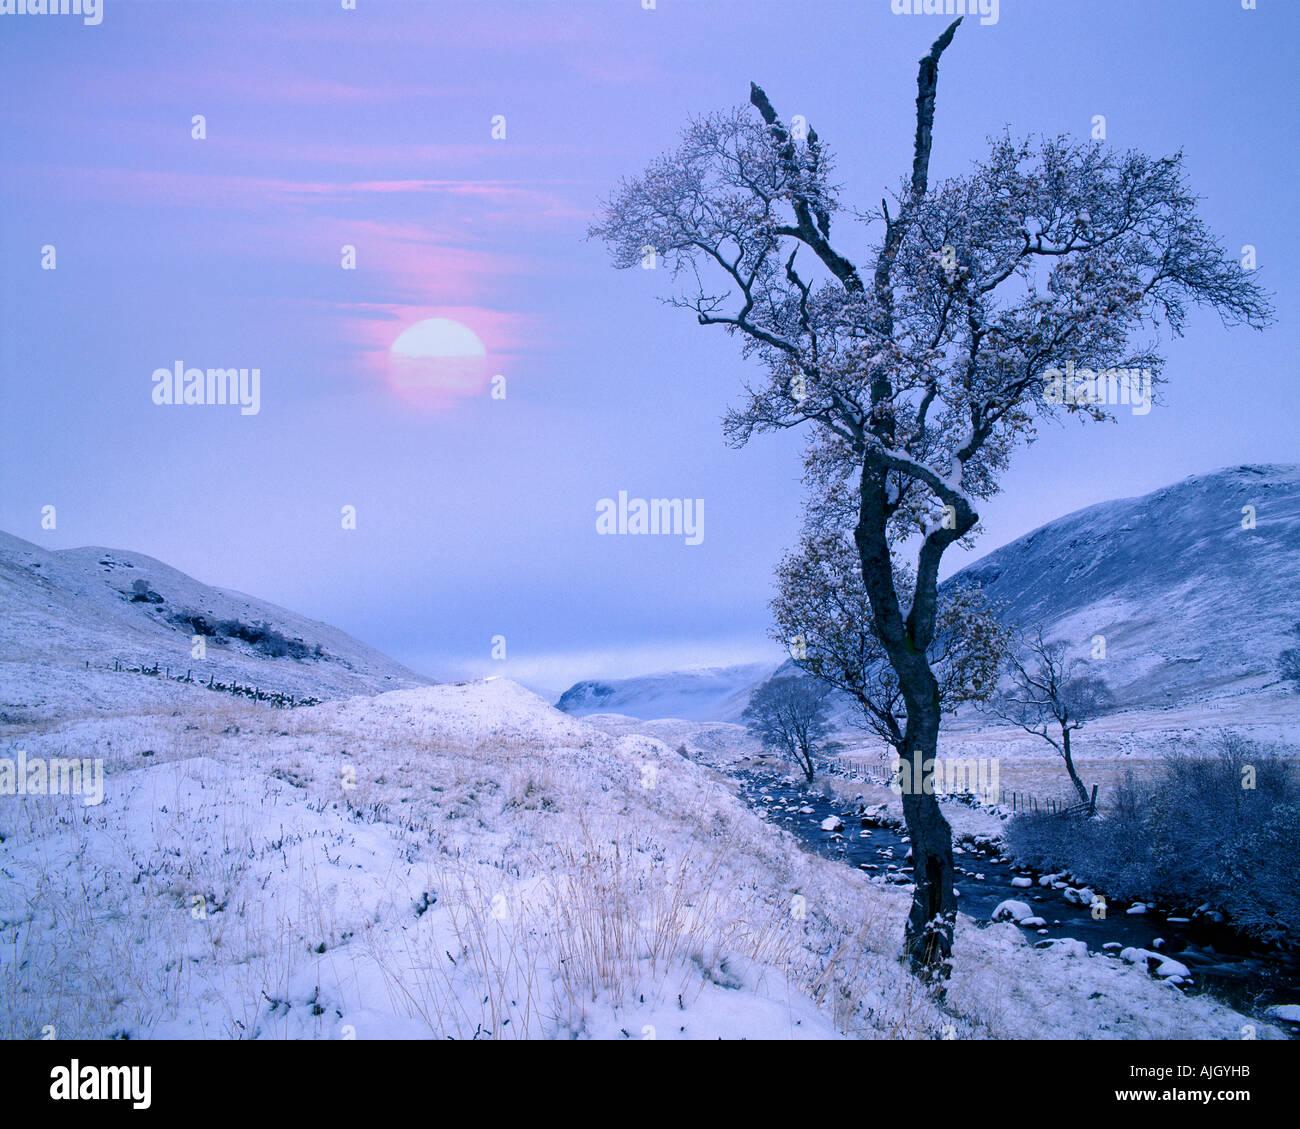 GB - Escocia: Invierno en Glen Lochsie en Tayside Imagen De Stock